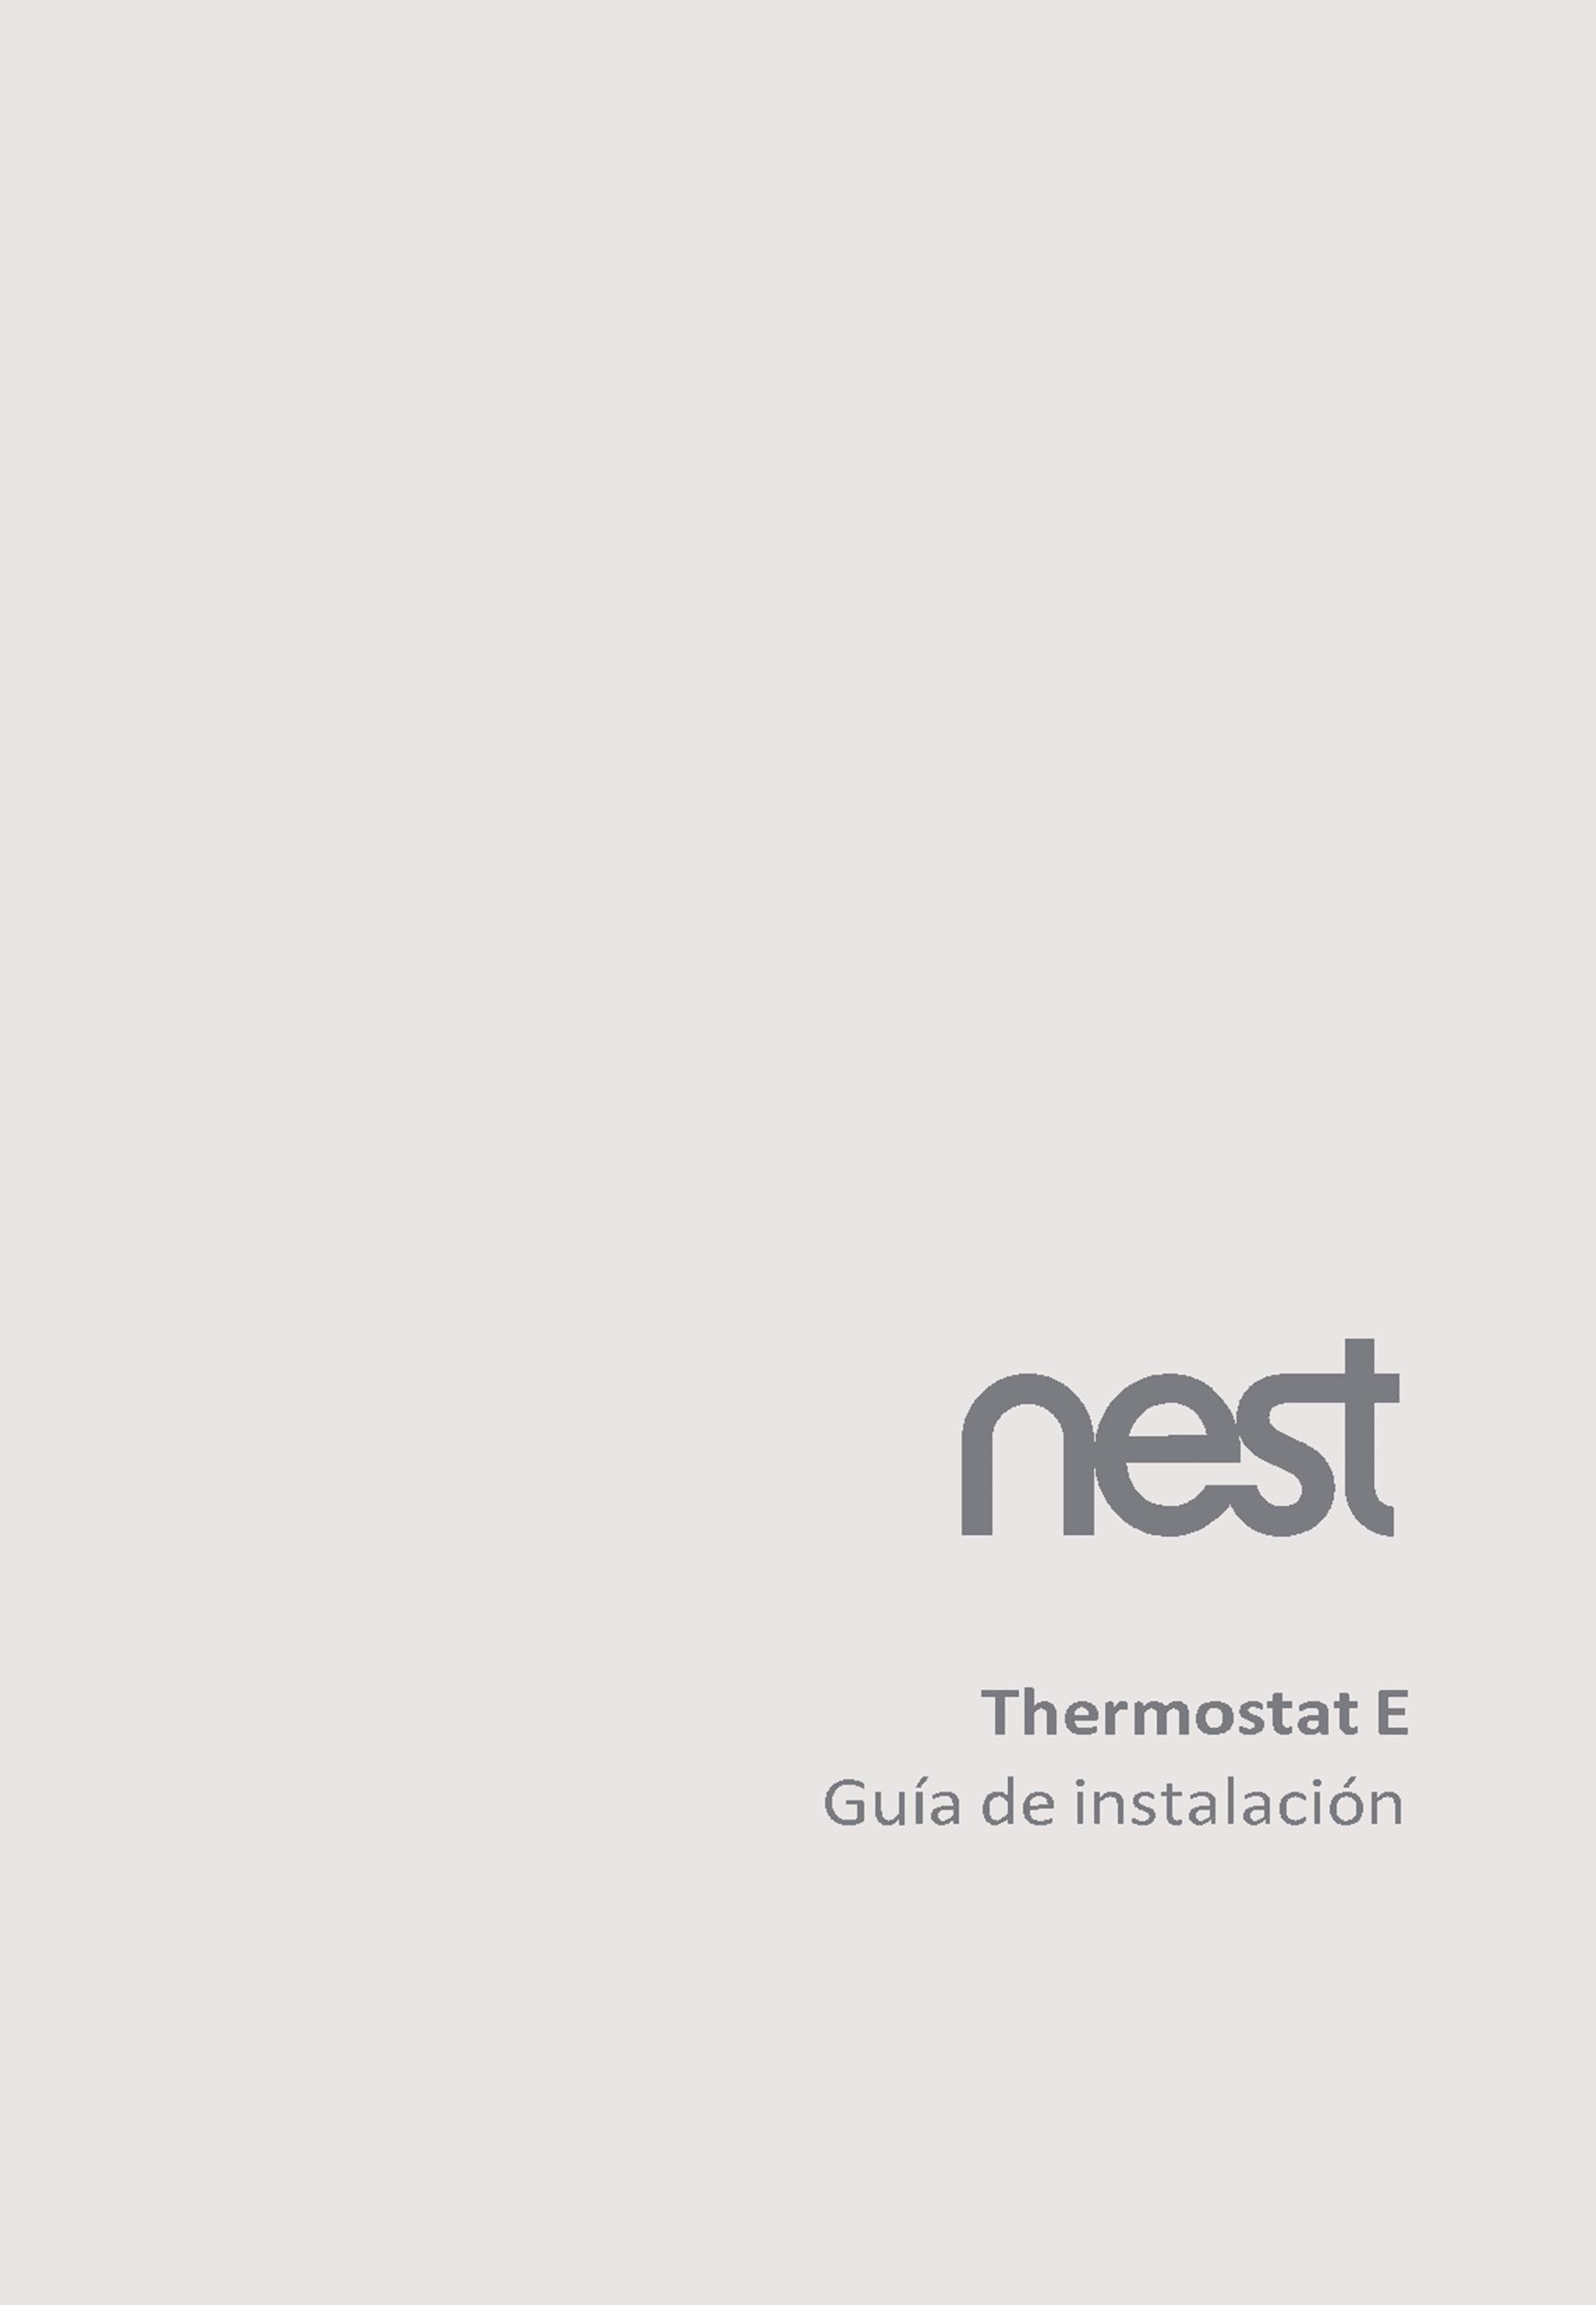 Nest Termostato E